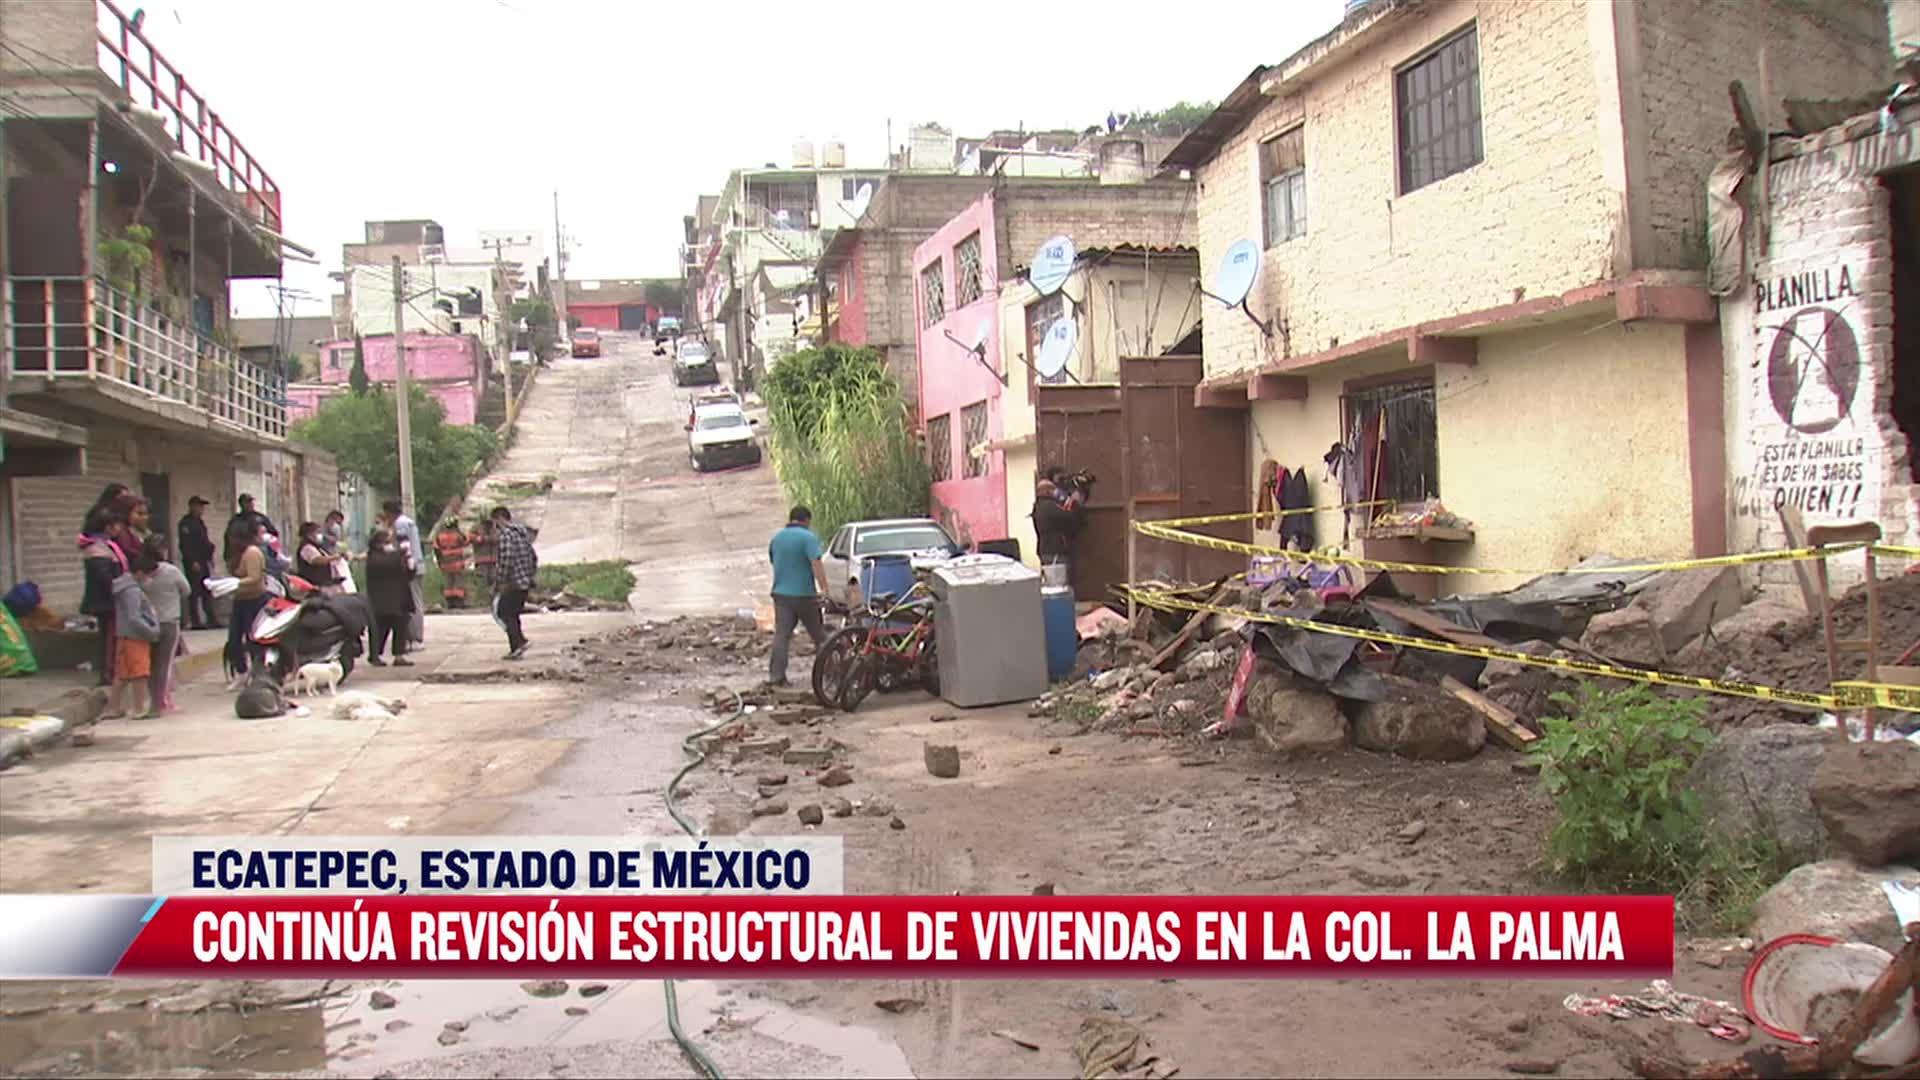 autoridades resguardan zona del derrumbe en ecatepec